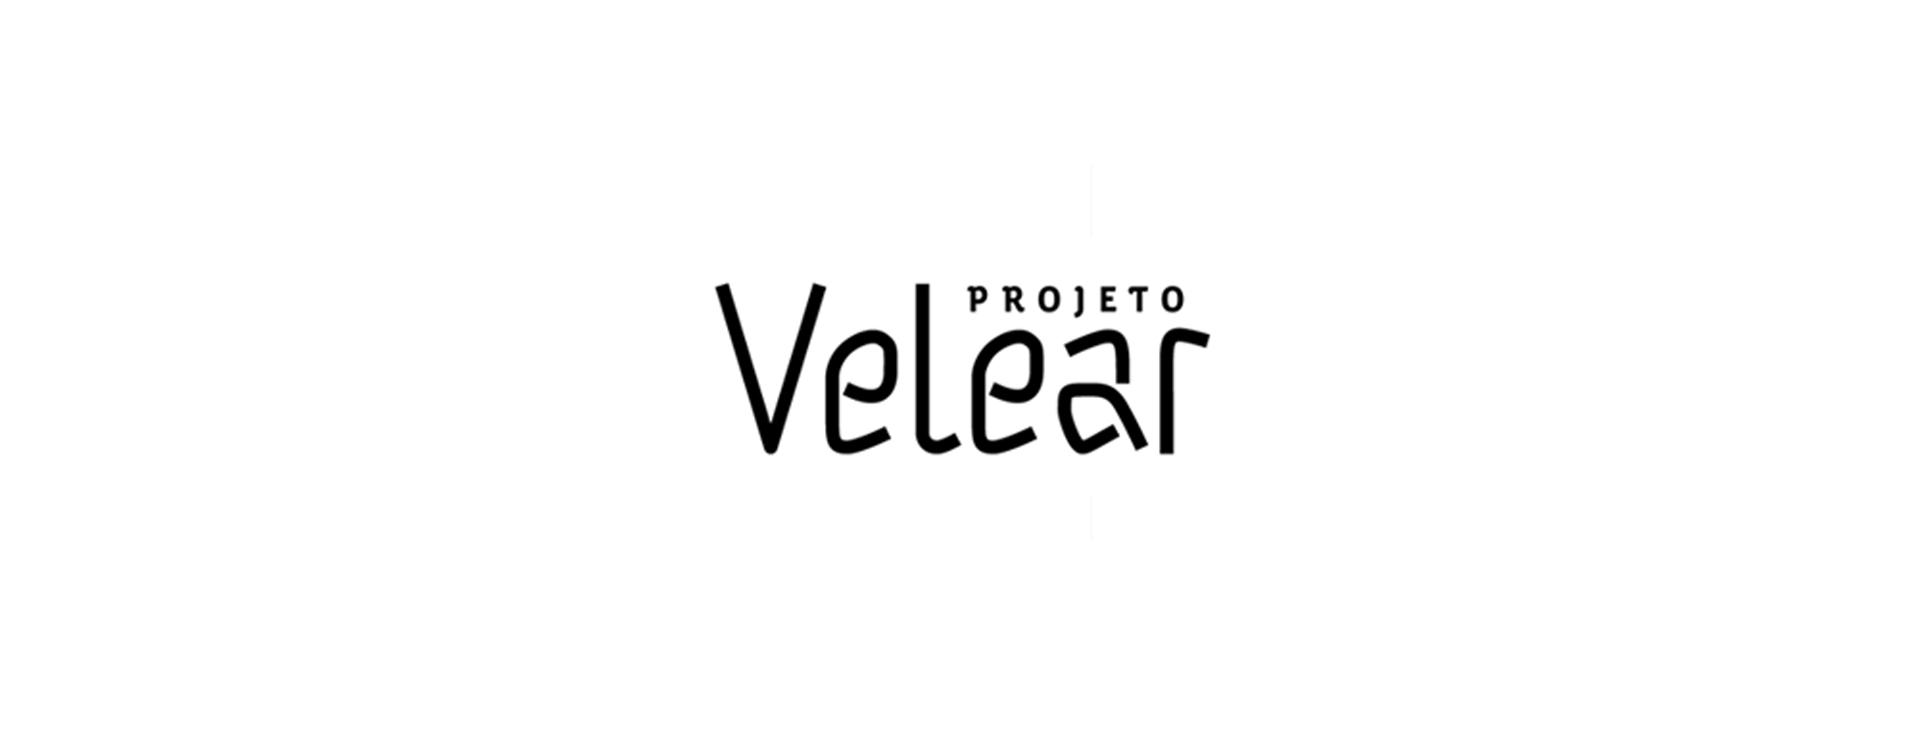 velear_02-logo